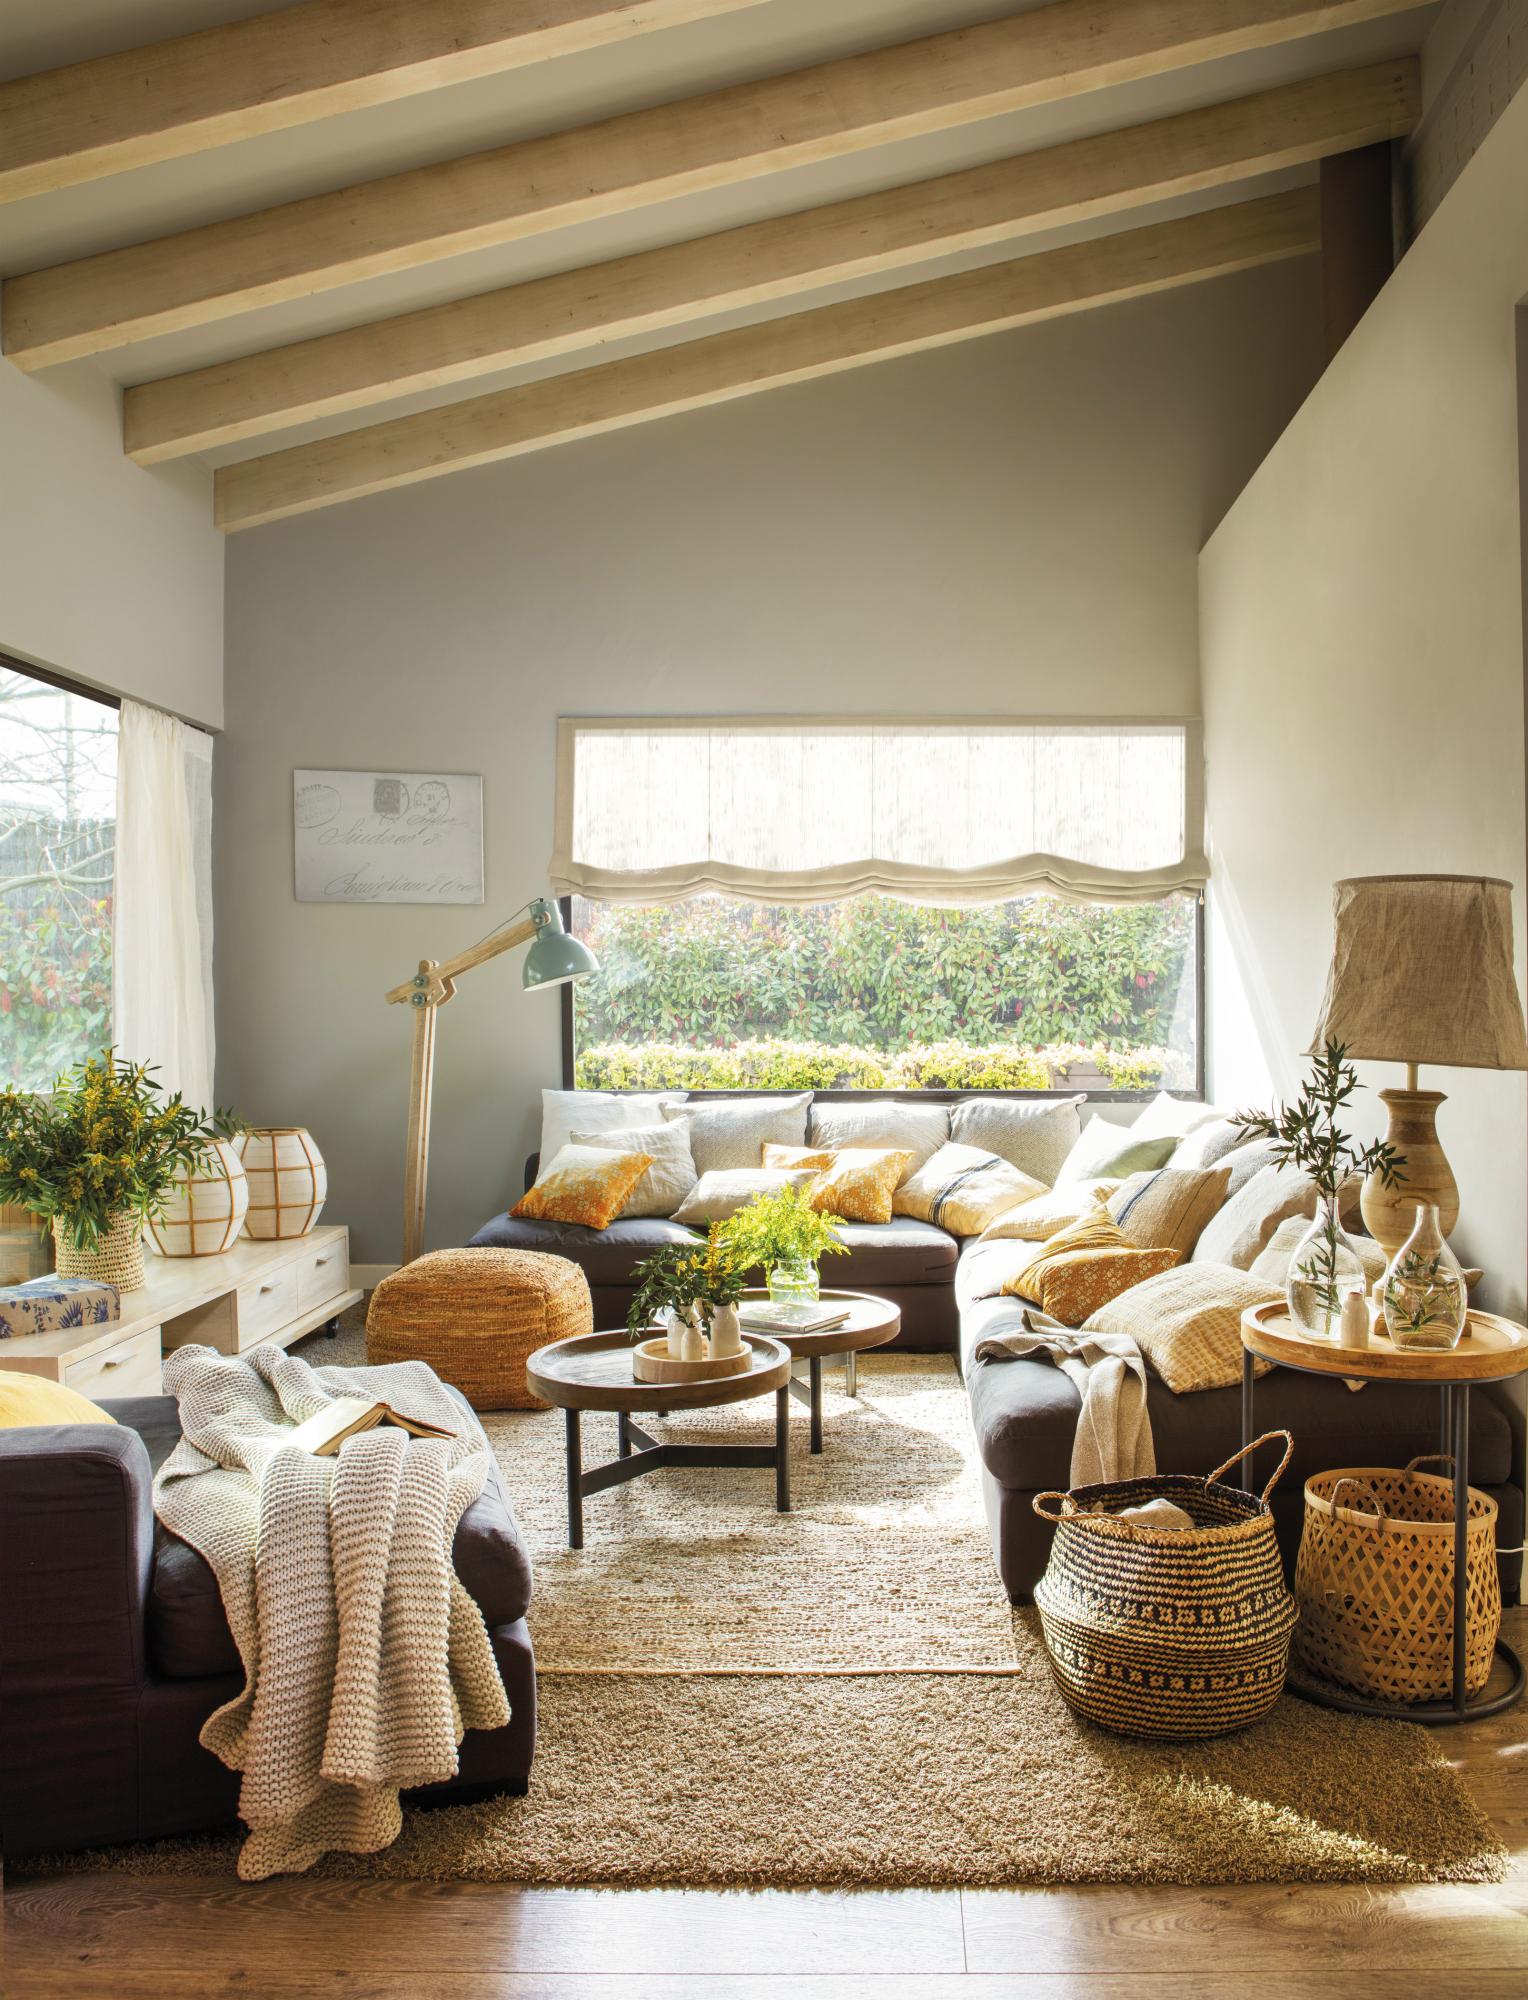 30 salones modernos y acogedores - Muebles para el salon ...